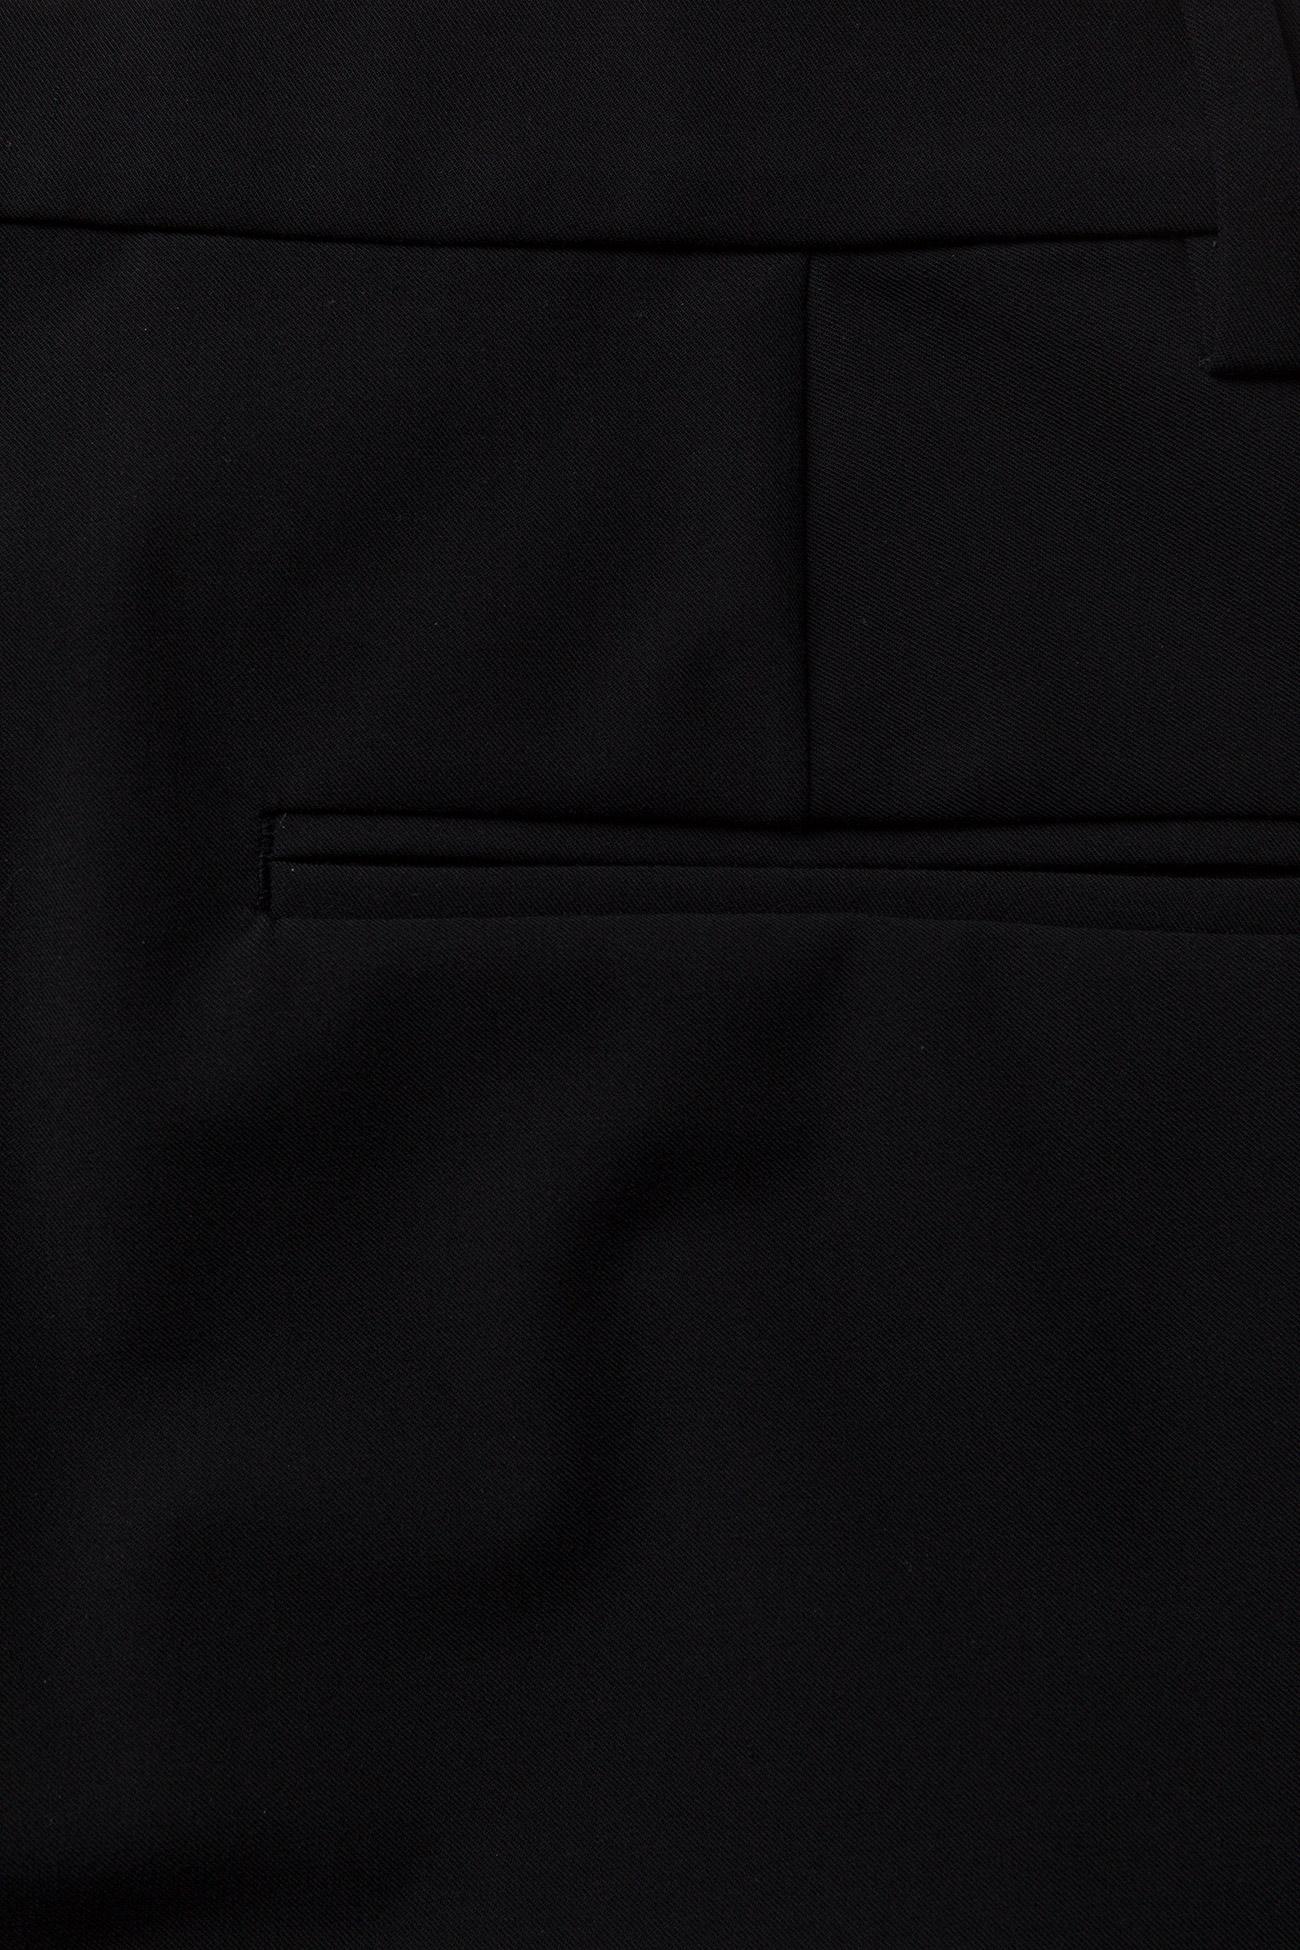 Thelma Slacks (Navy) (63 €) - Hunkydory jzE1s